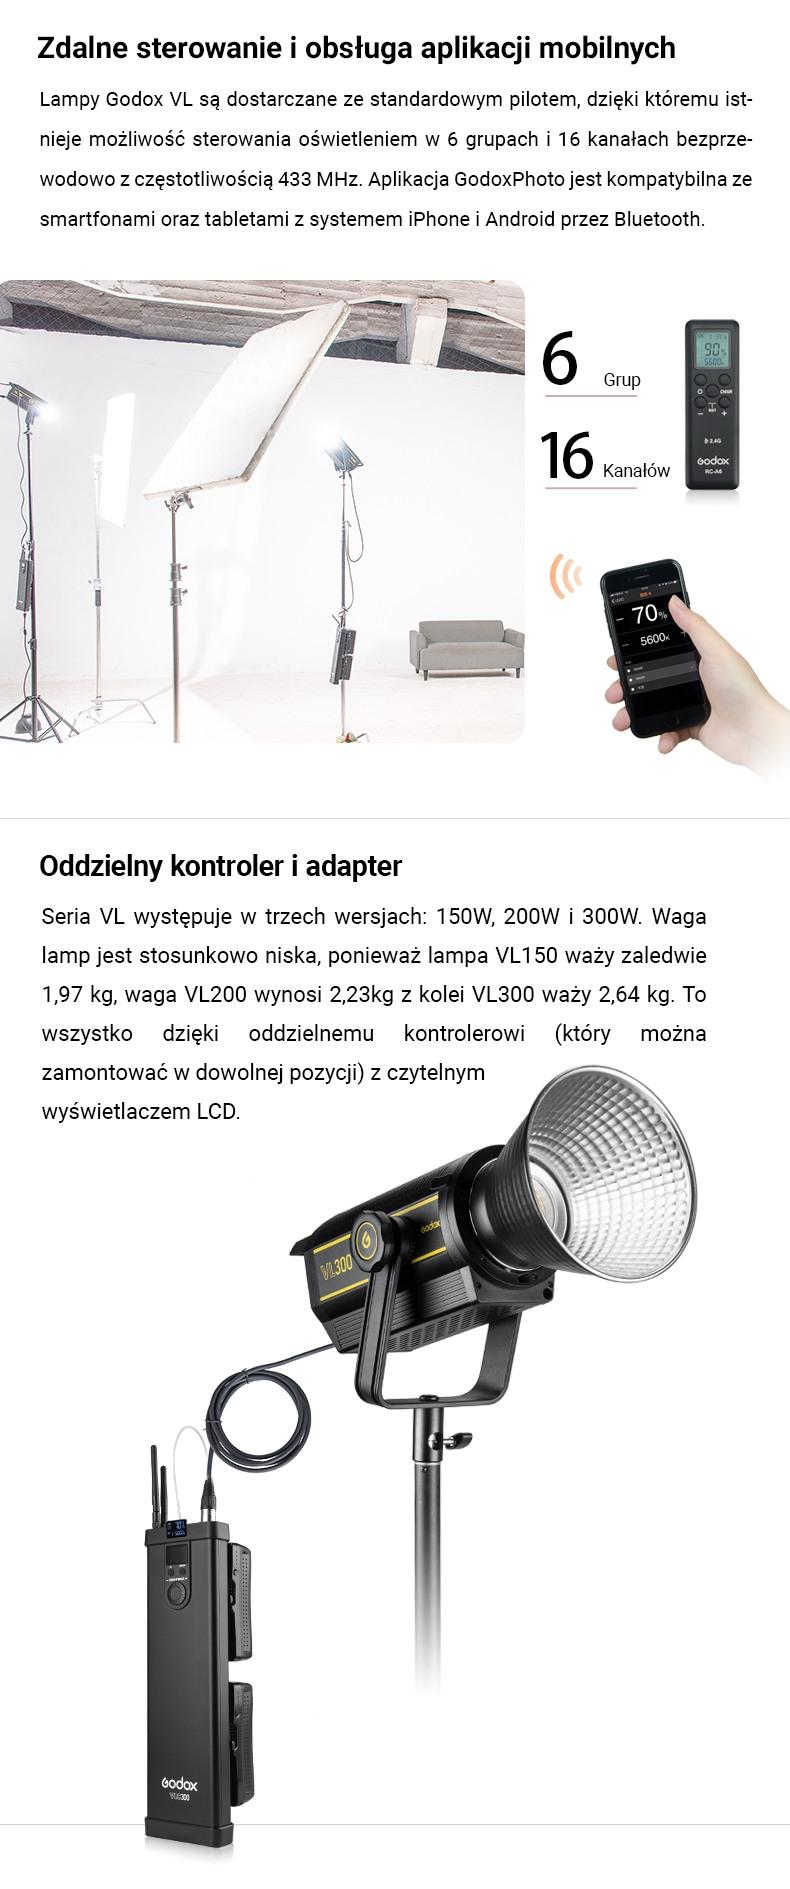 Godox seria VL LED Light Zdalne sterowanie i obsługa aplikacji mobilnych. Oddzielny kontroler i adapter.